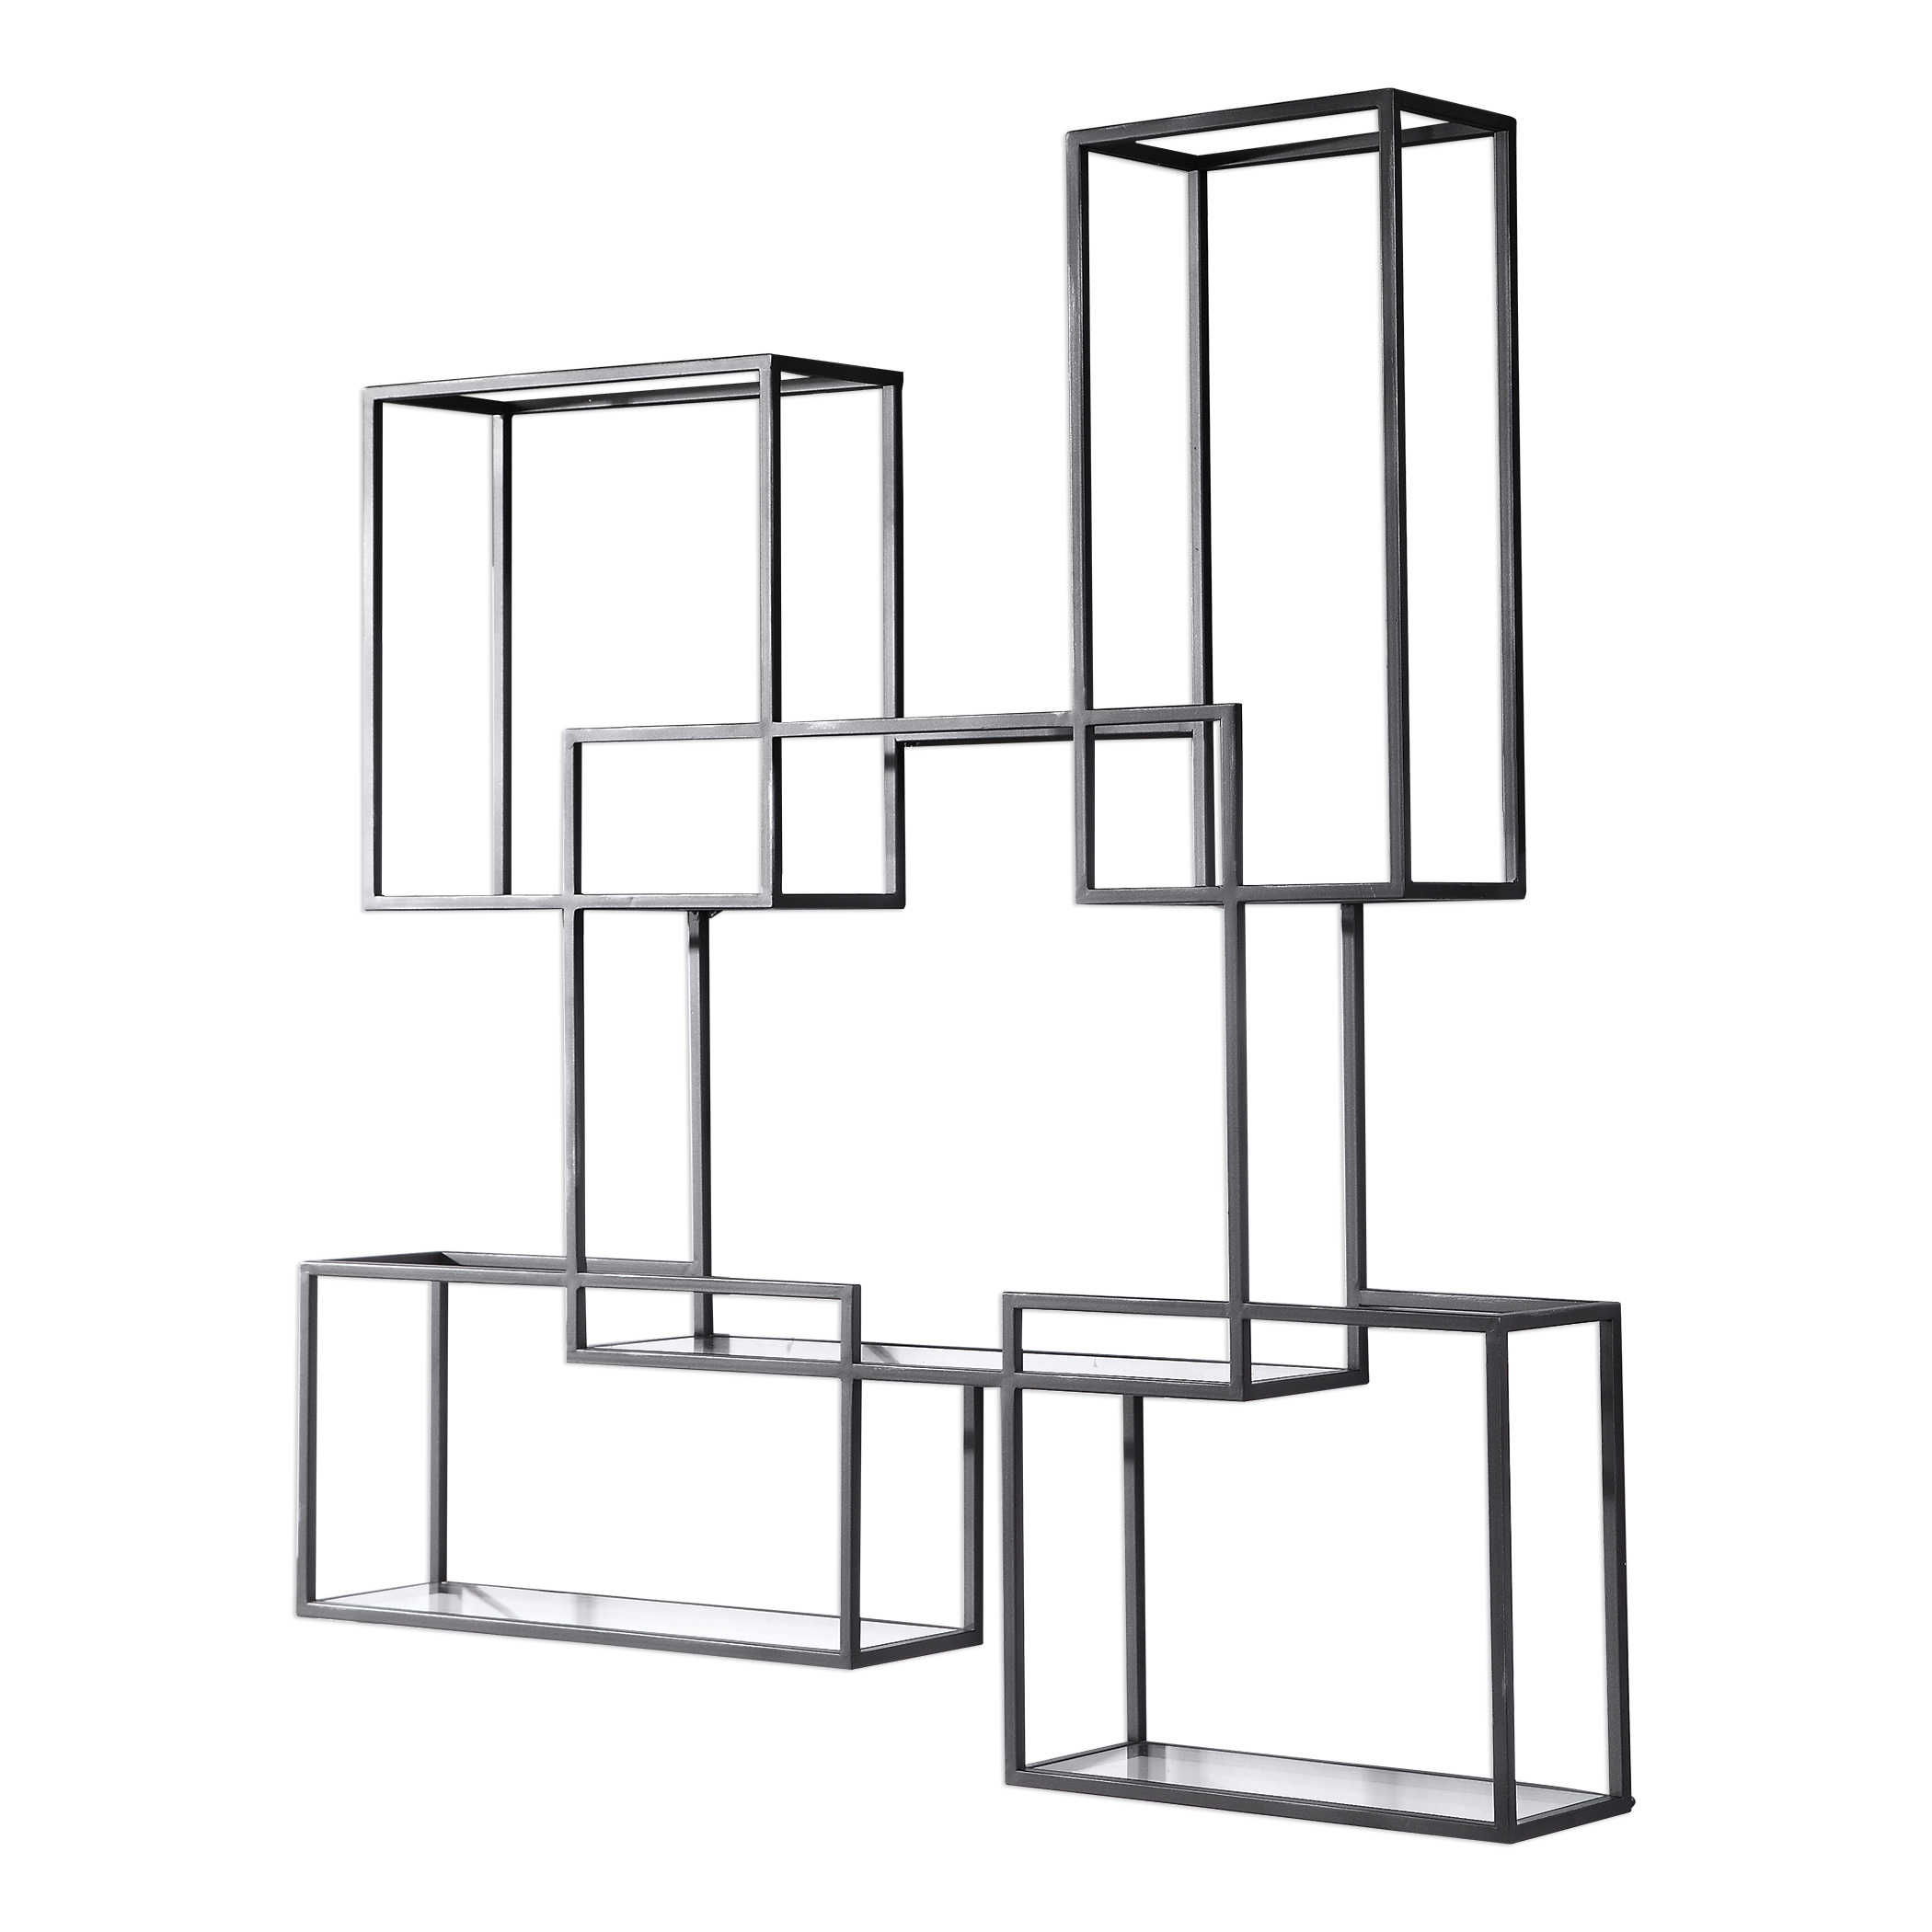 Global Views Wall Shelf: Uttermost Quentin Open-Framed Shelves